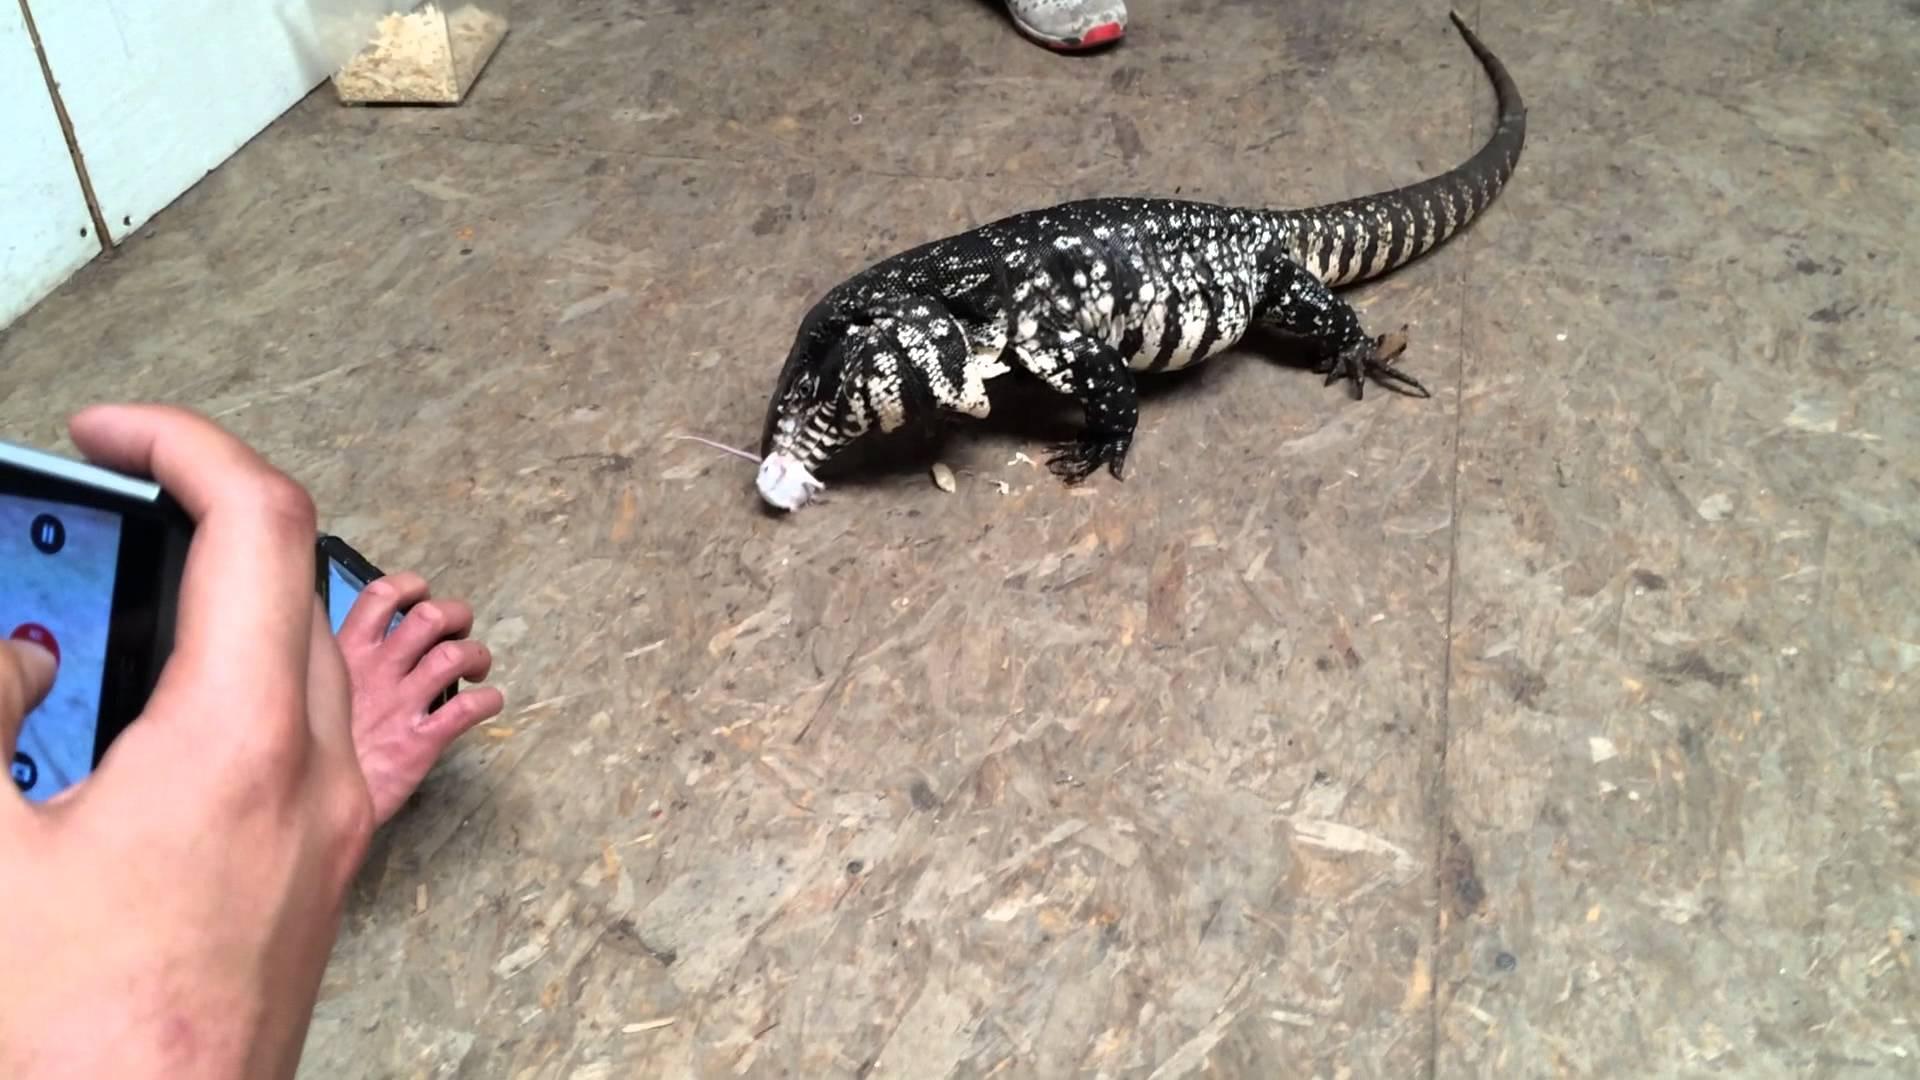 Lizard EATS MOUSE